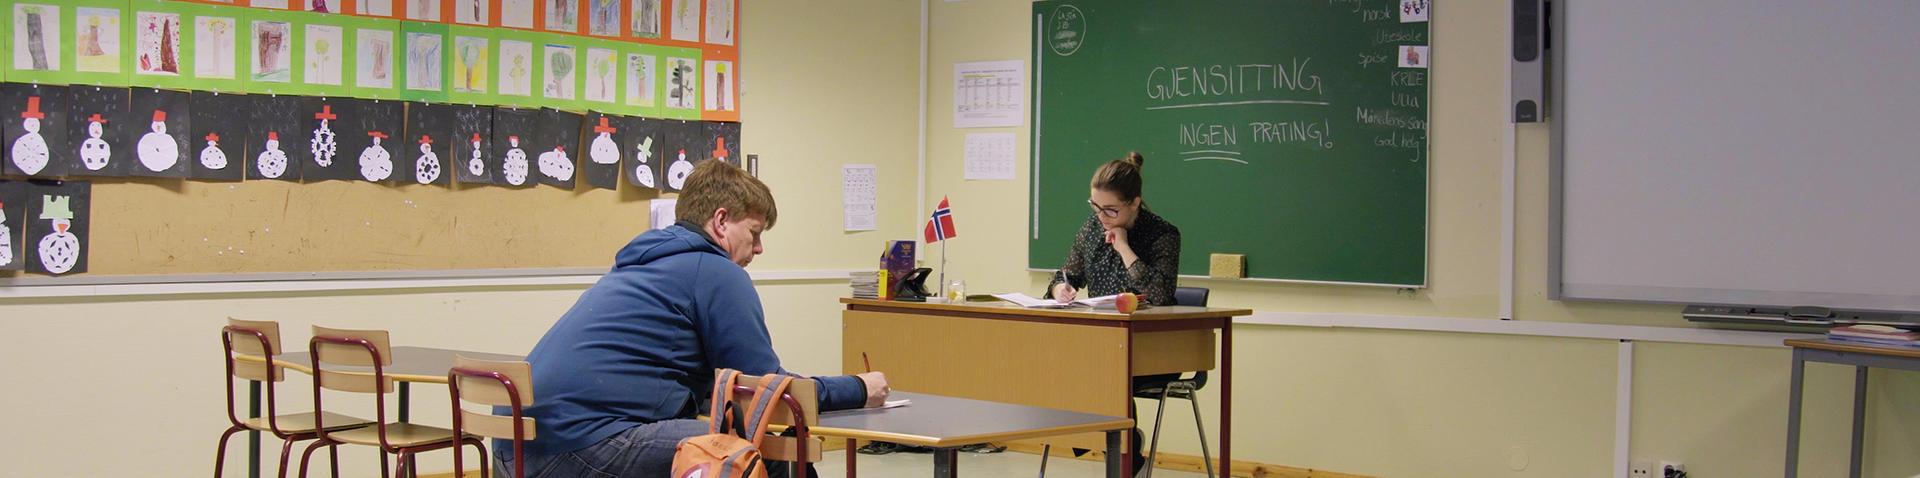 Iris-direktøren har satt seg på skolebenken for å lære.